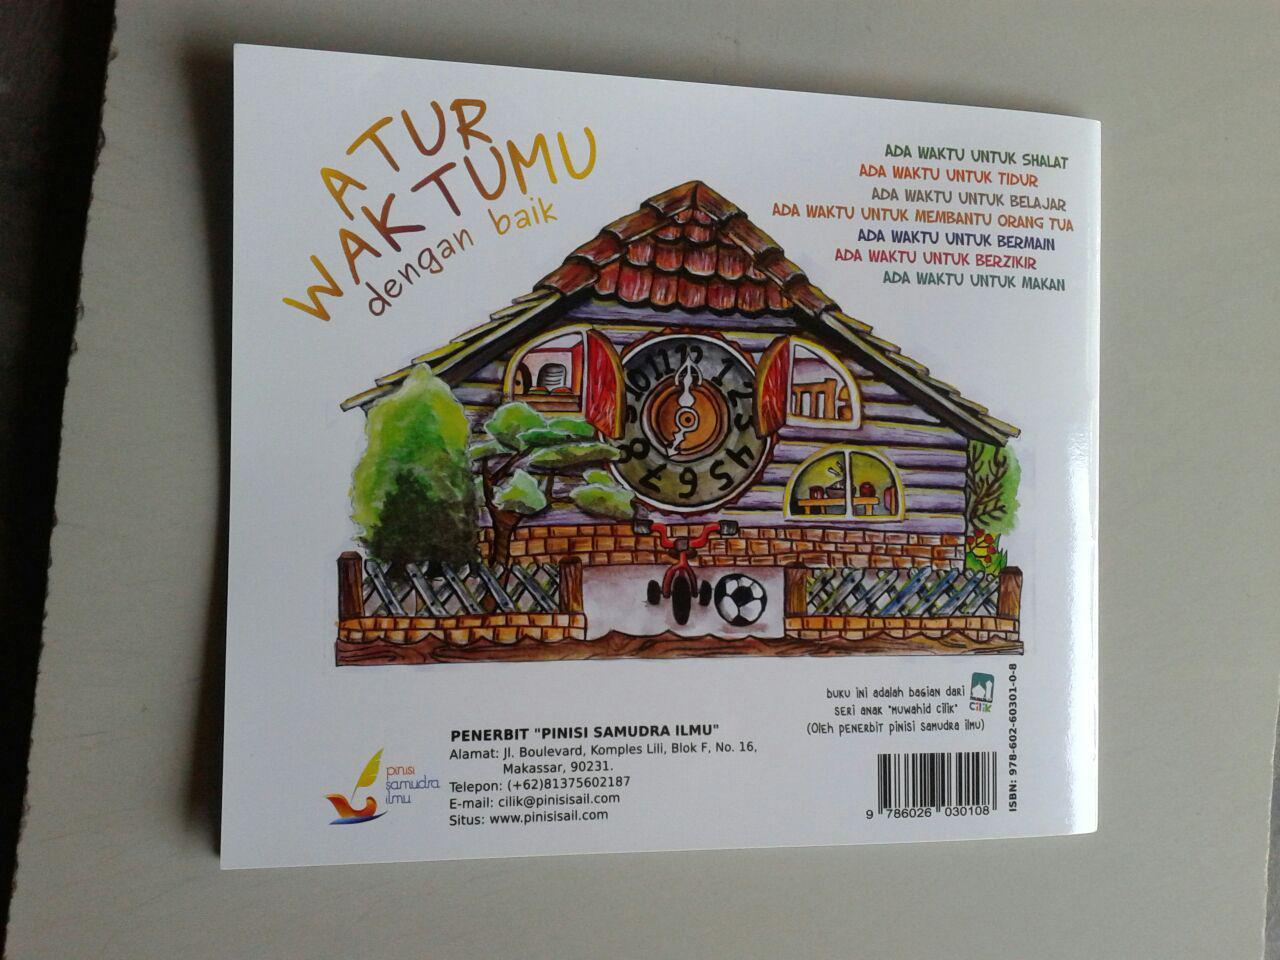 Buku Anak Atur Waktumu Dengan Baik cover 2